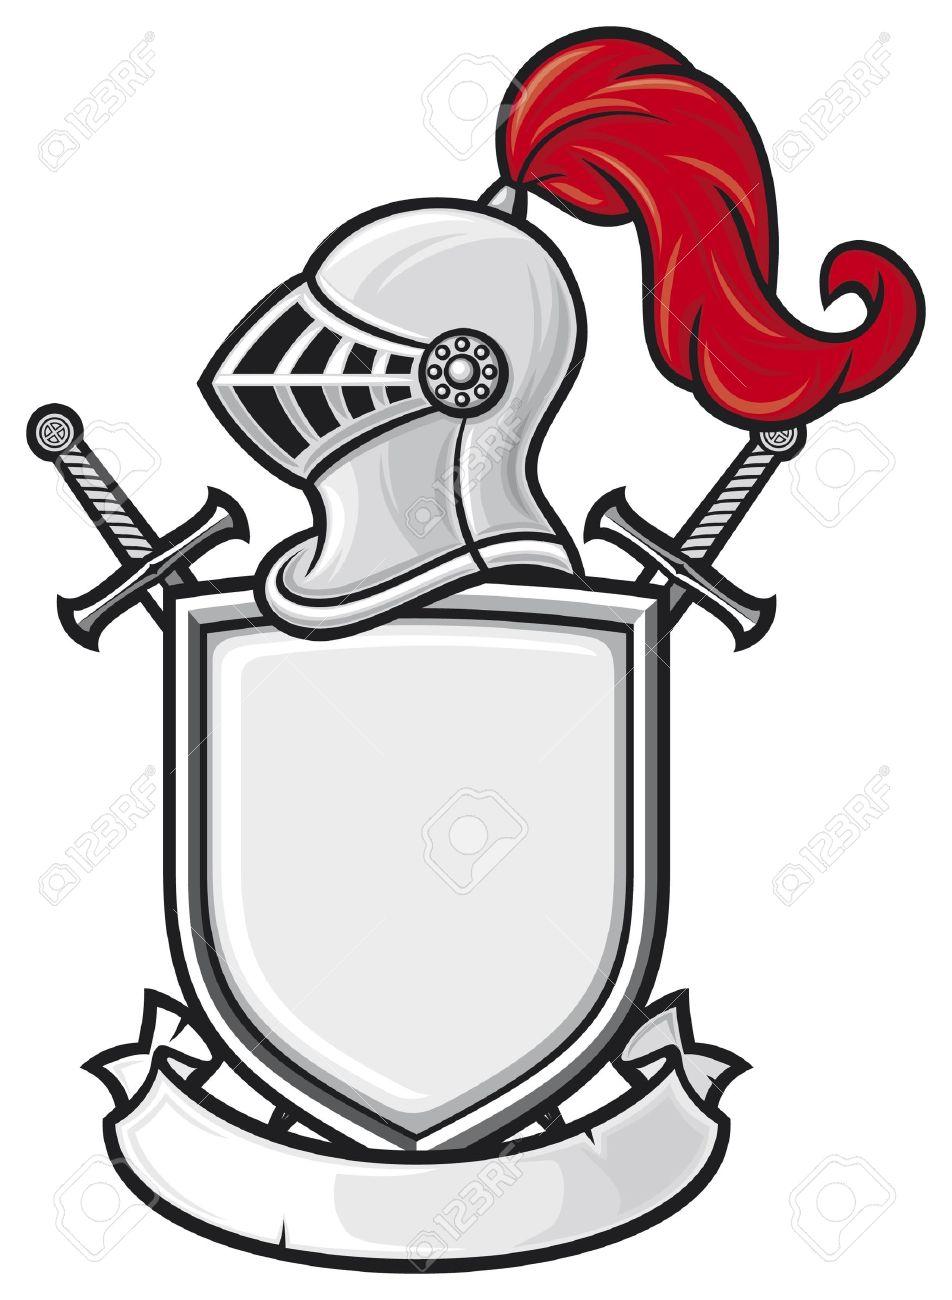 medieval knight helmet shield crossed swords and banner coat rh 123rf com